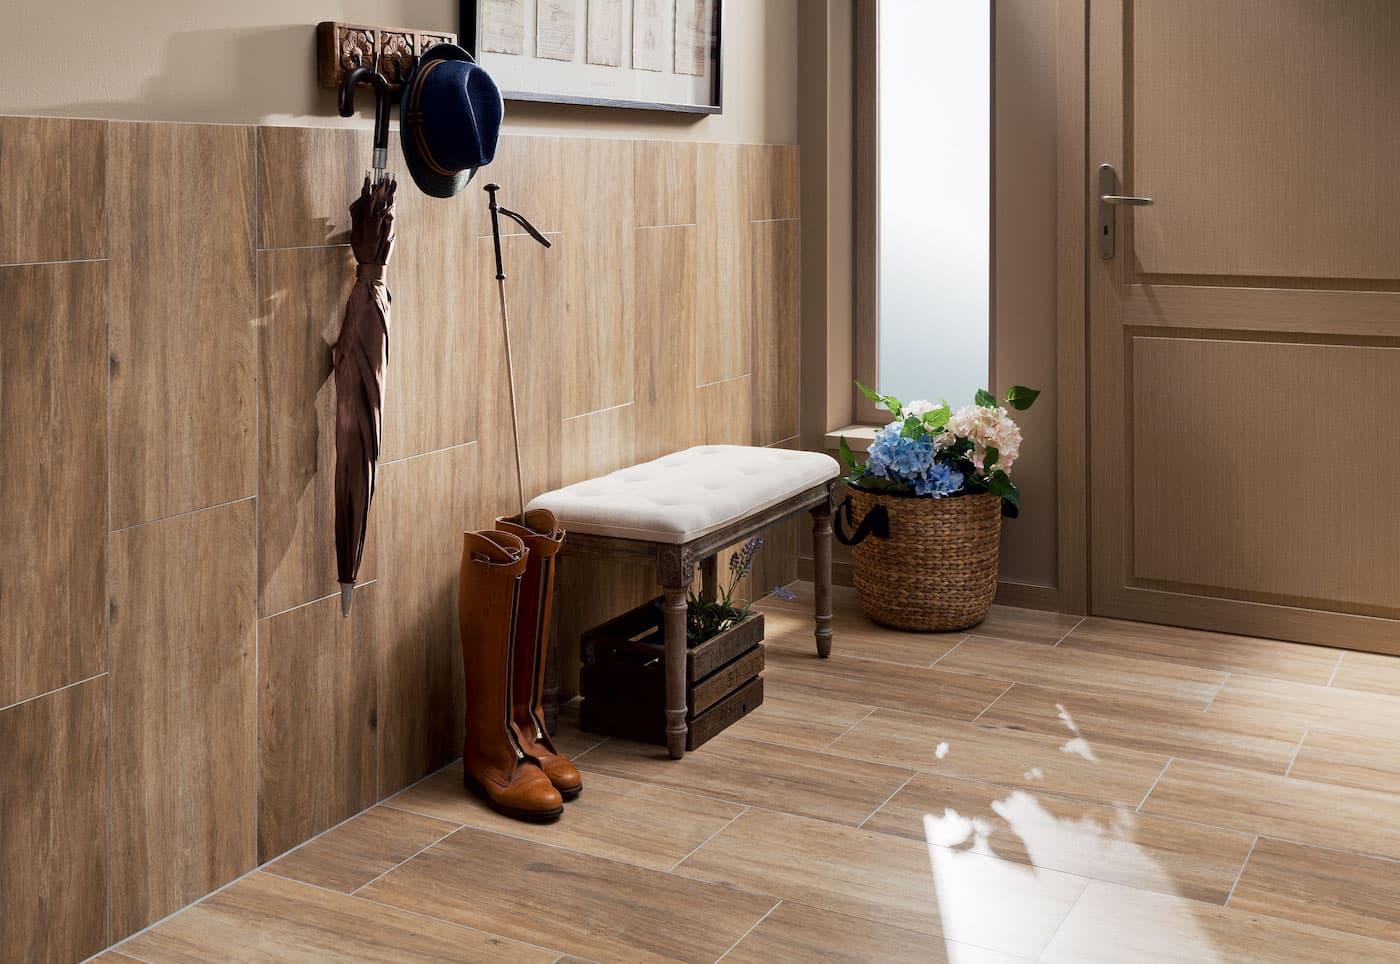 Отделка стен в прихожей керамической плиткой – наиболее практичный способ их оформления